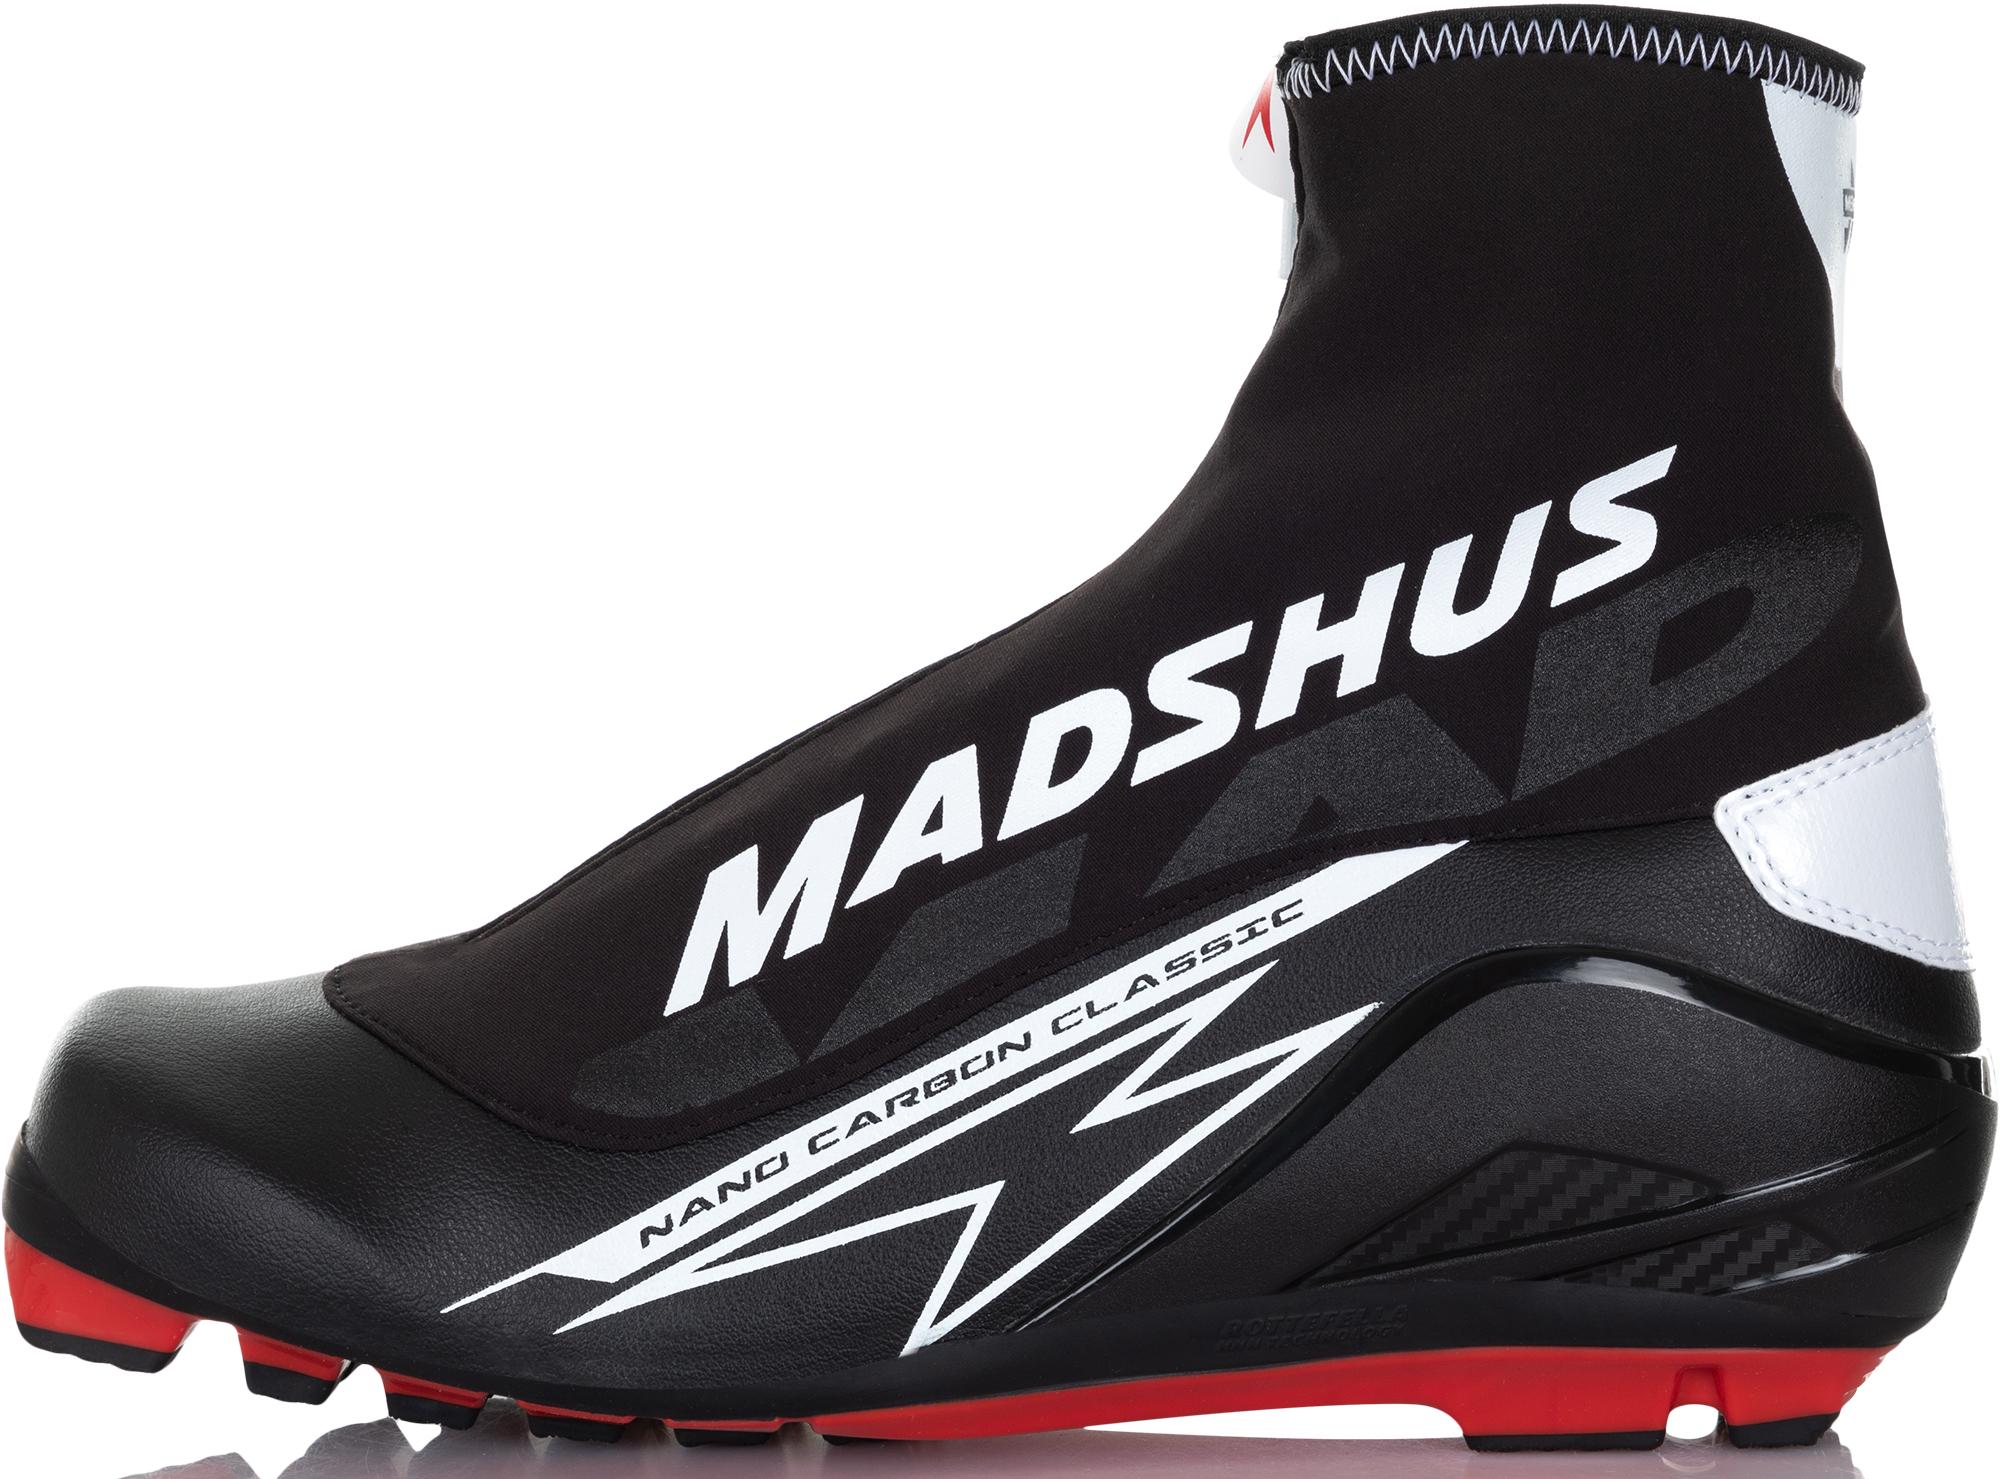 купить Madshus Ботинки для беговых лыж Madshus NANO CARBON CLASSIC дешево